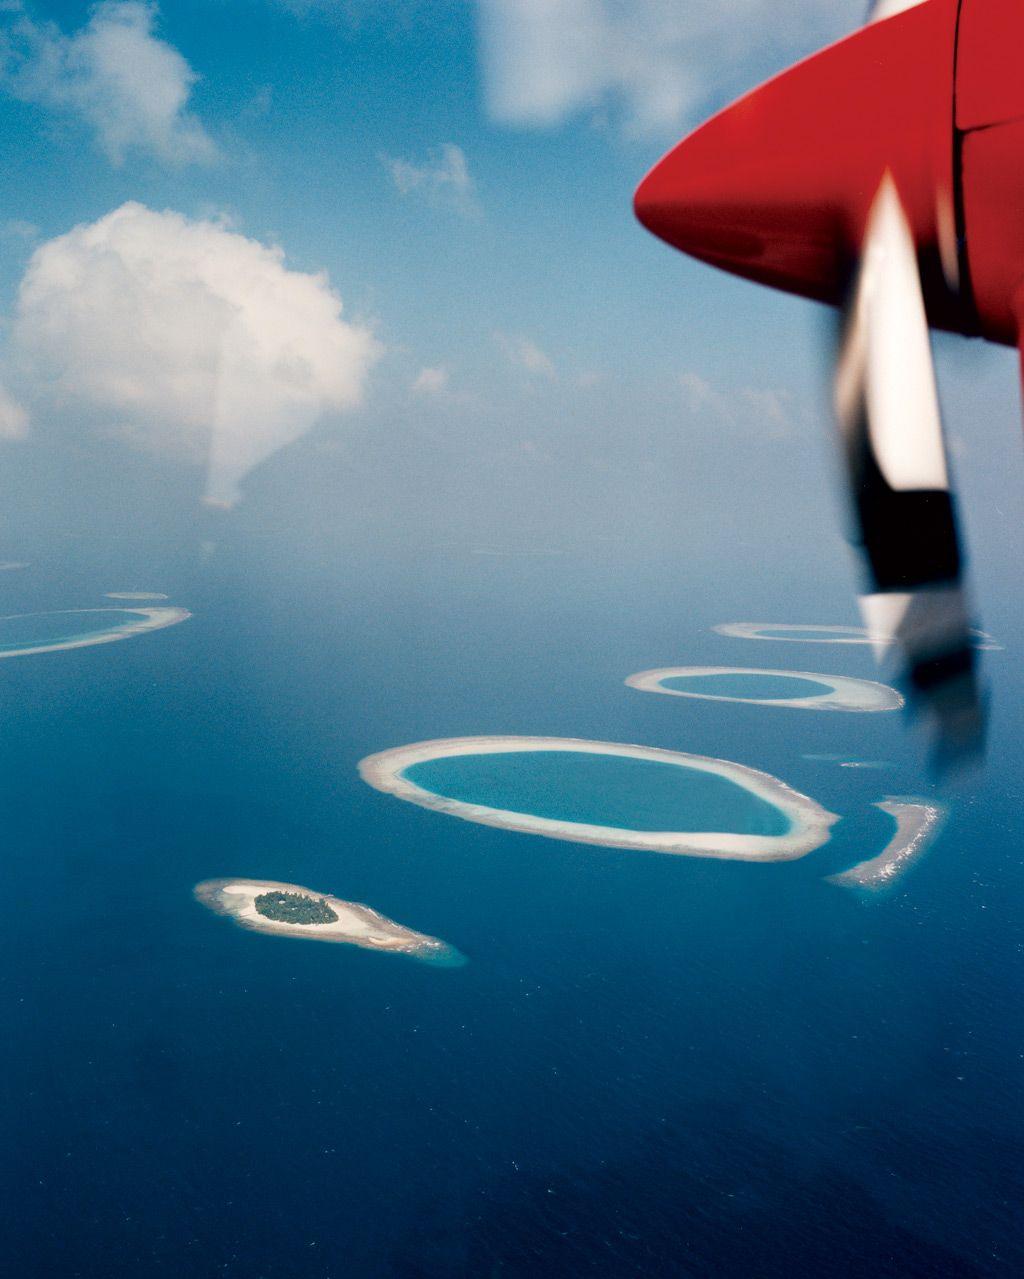 Maldives Destinations, Private